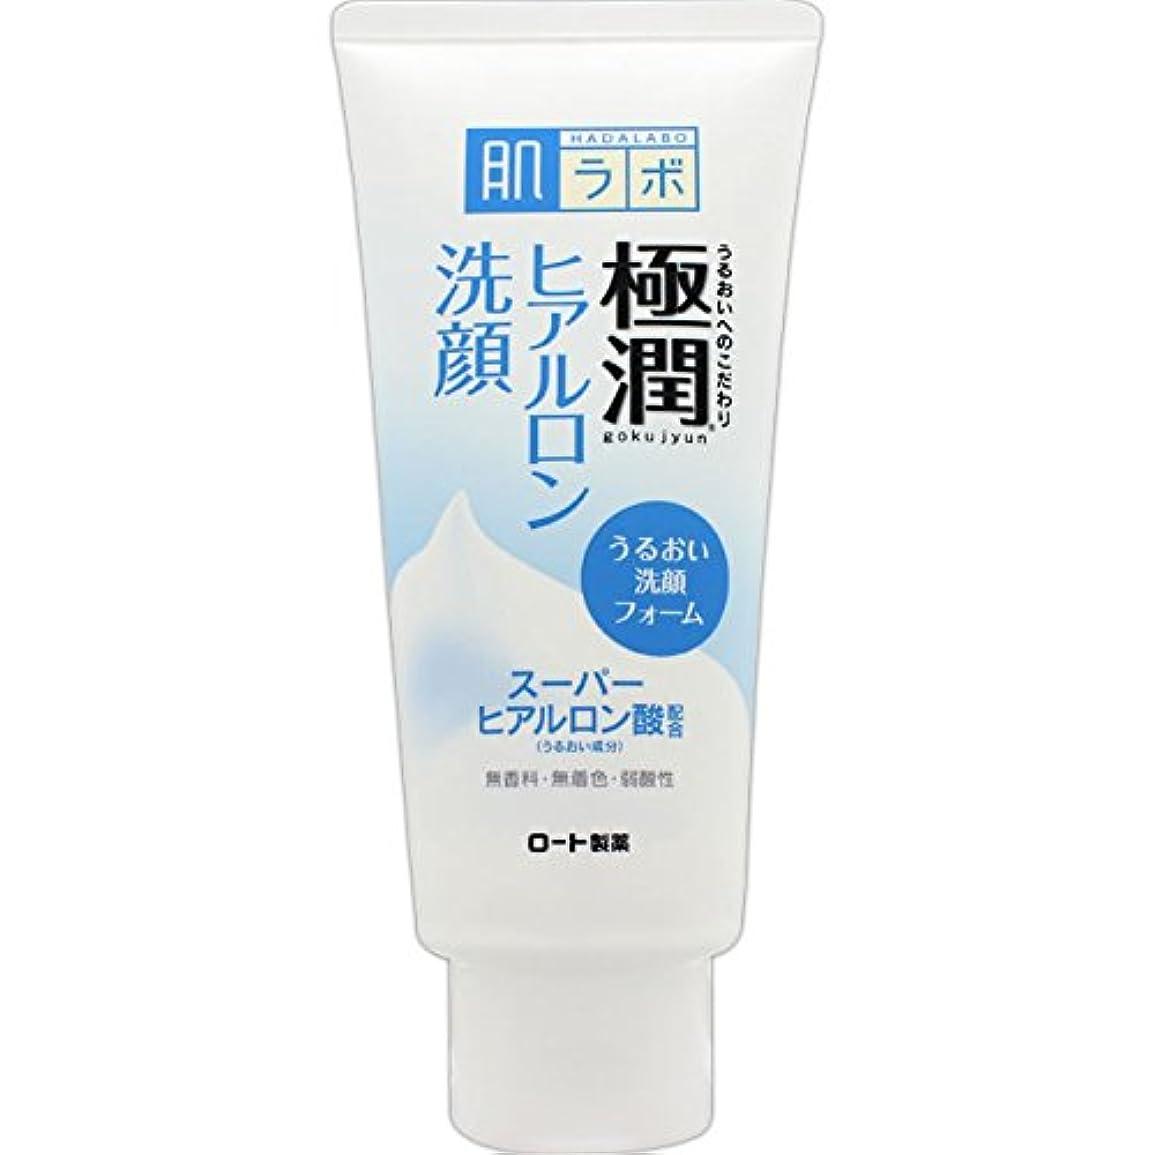 二層までいわゆる肌ラボ 極潤 ヒアルロン洗顔フォーム スーパーヒアルロン酸&吸着型ヒアルロン酸をW配合 100g